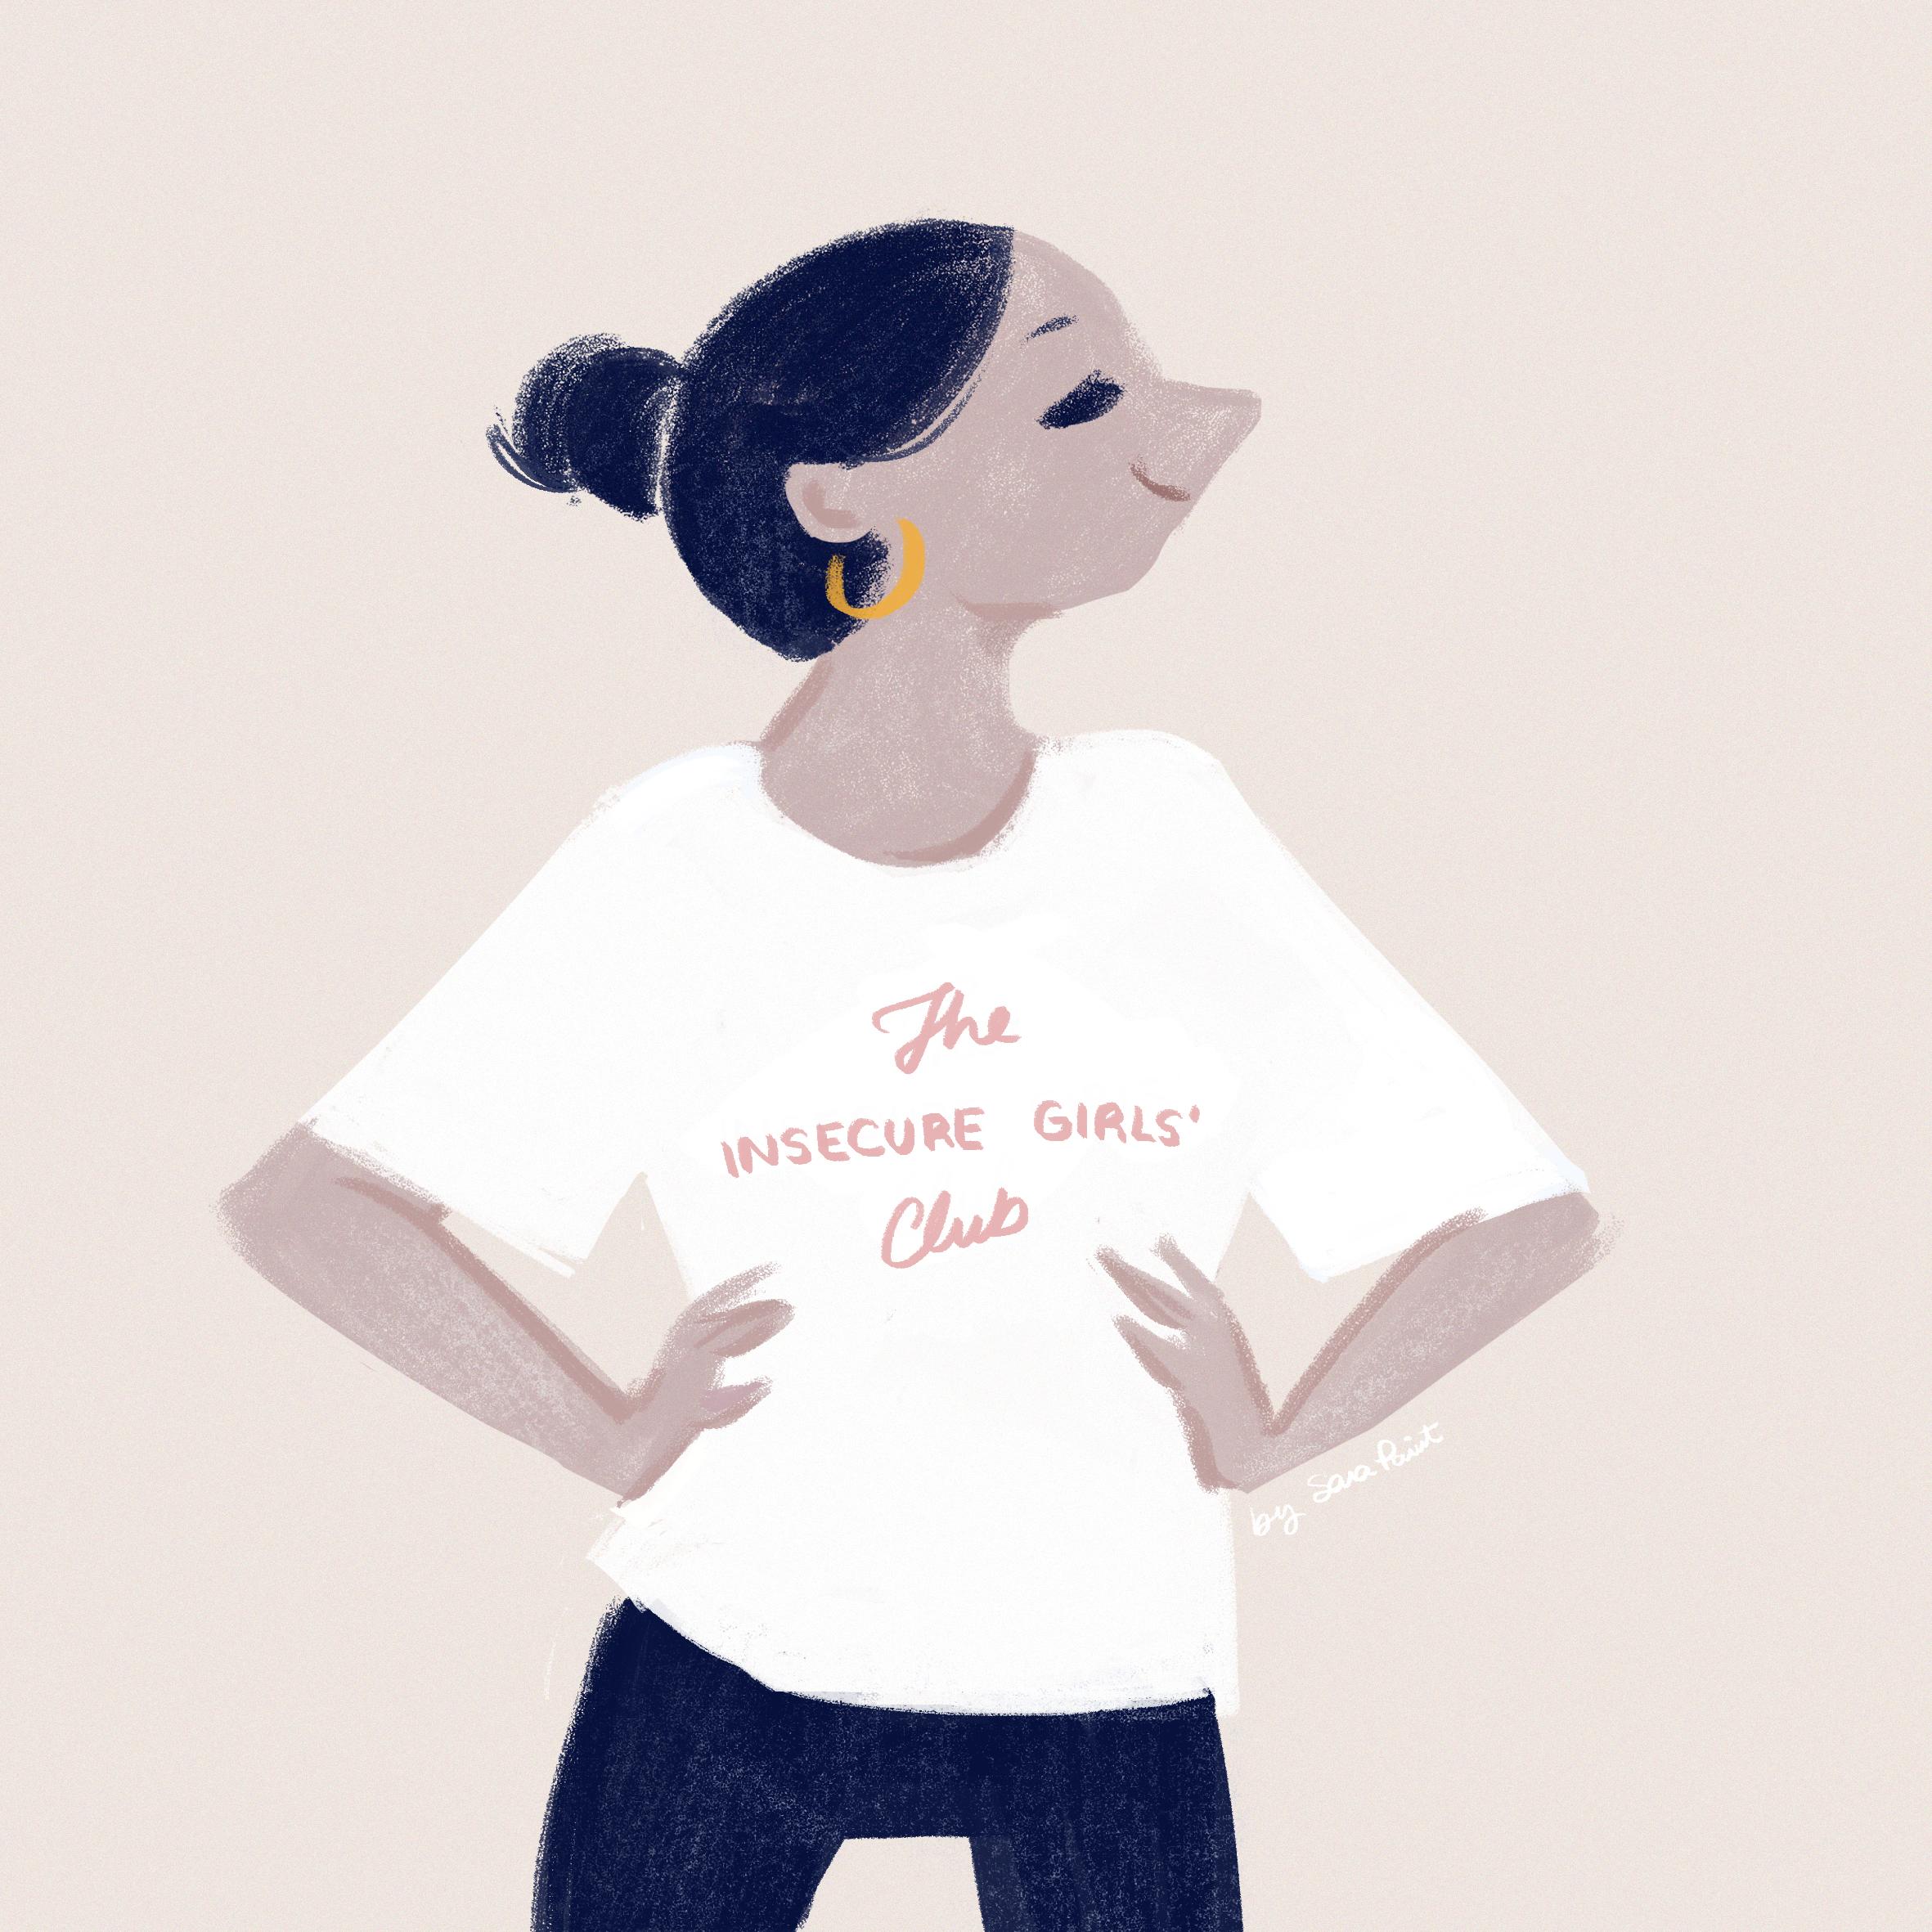 Club tshirt.jpg